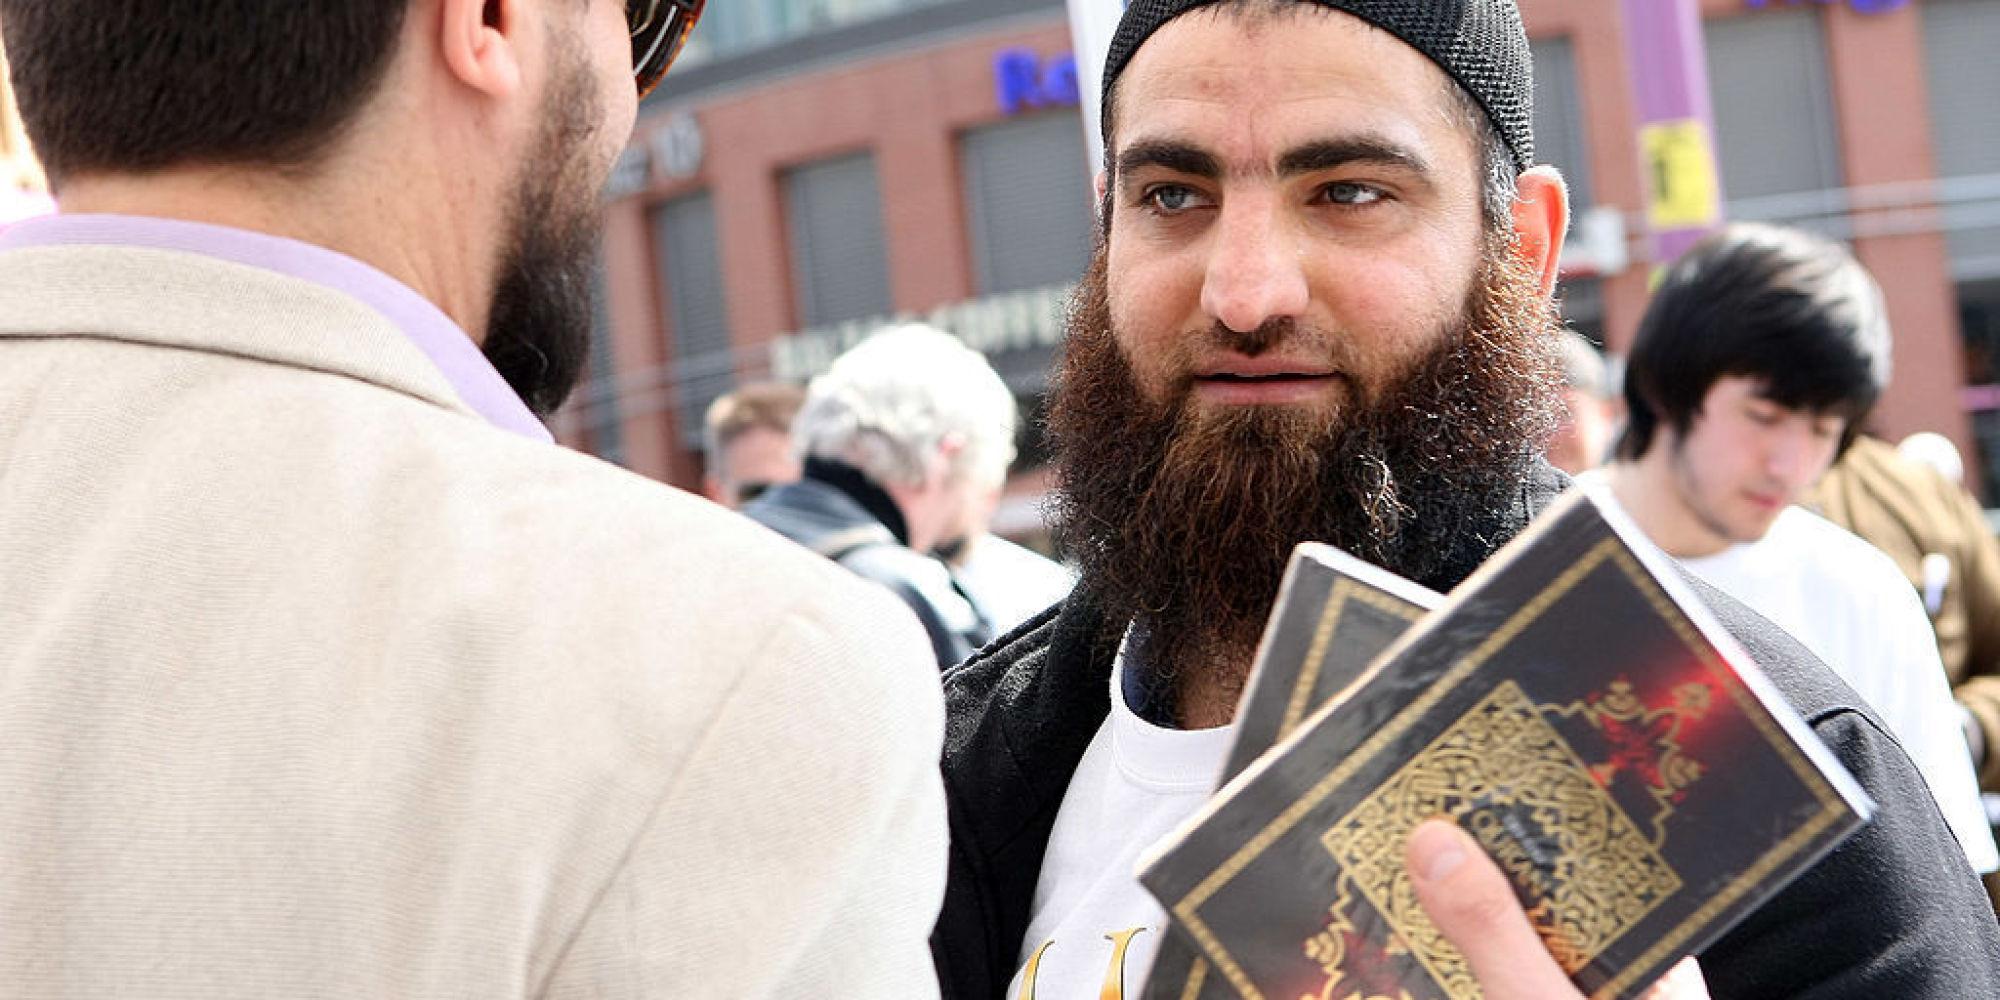 Längst überfälliger Schritt: Darum dürfen Muslime in Hamburg den Koran nicht mehr öffentlich verteilen